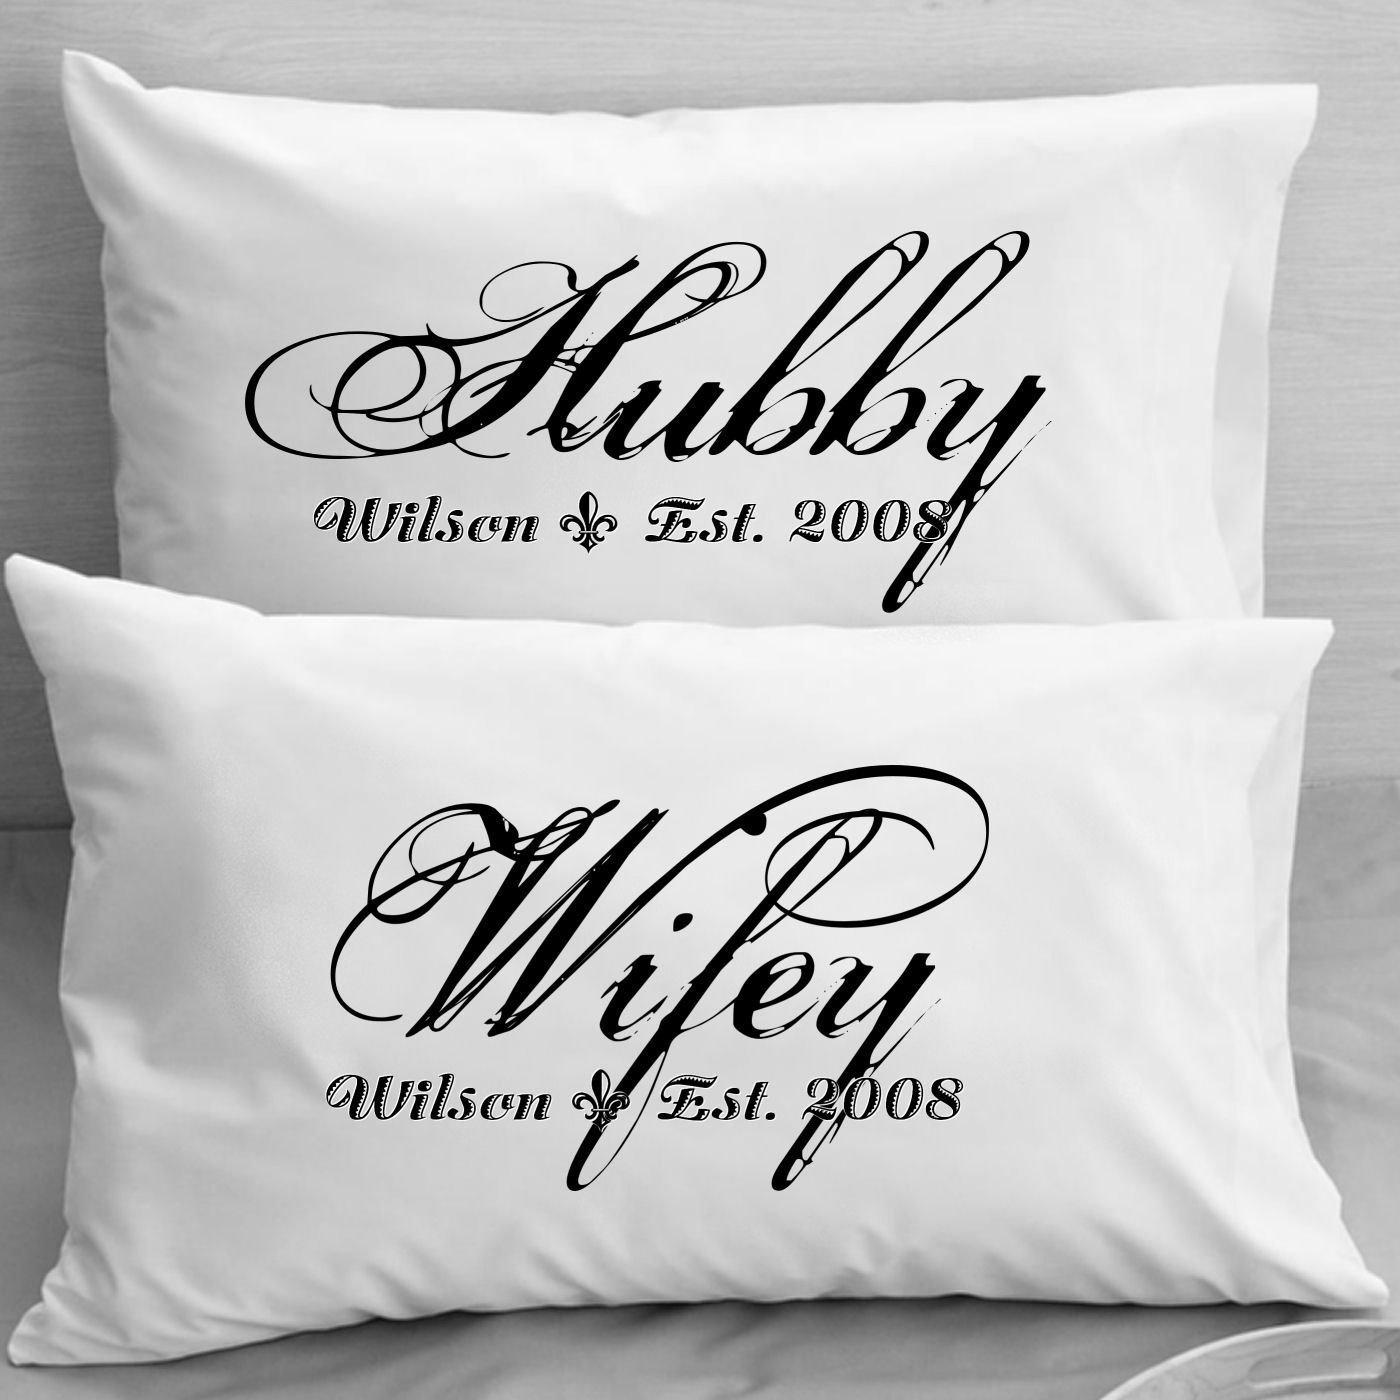 Amazon.com: Personalized almohada – WIFEY HUBBY – Parejas ...